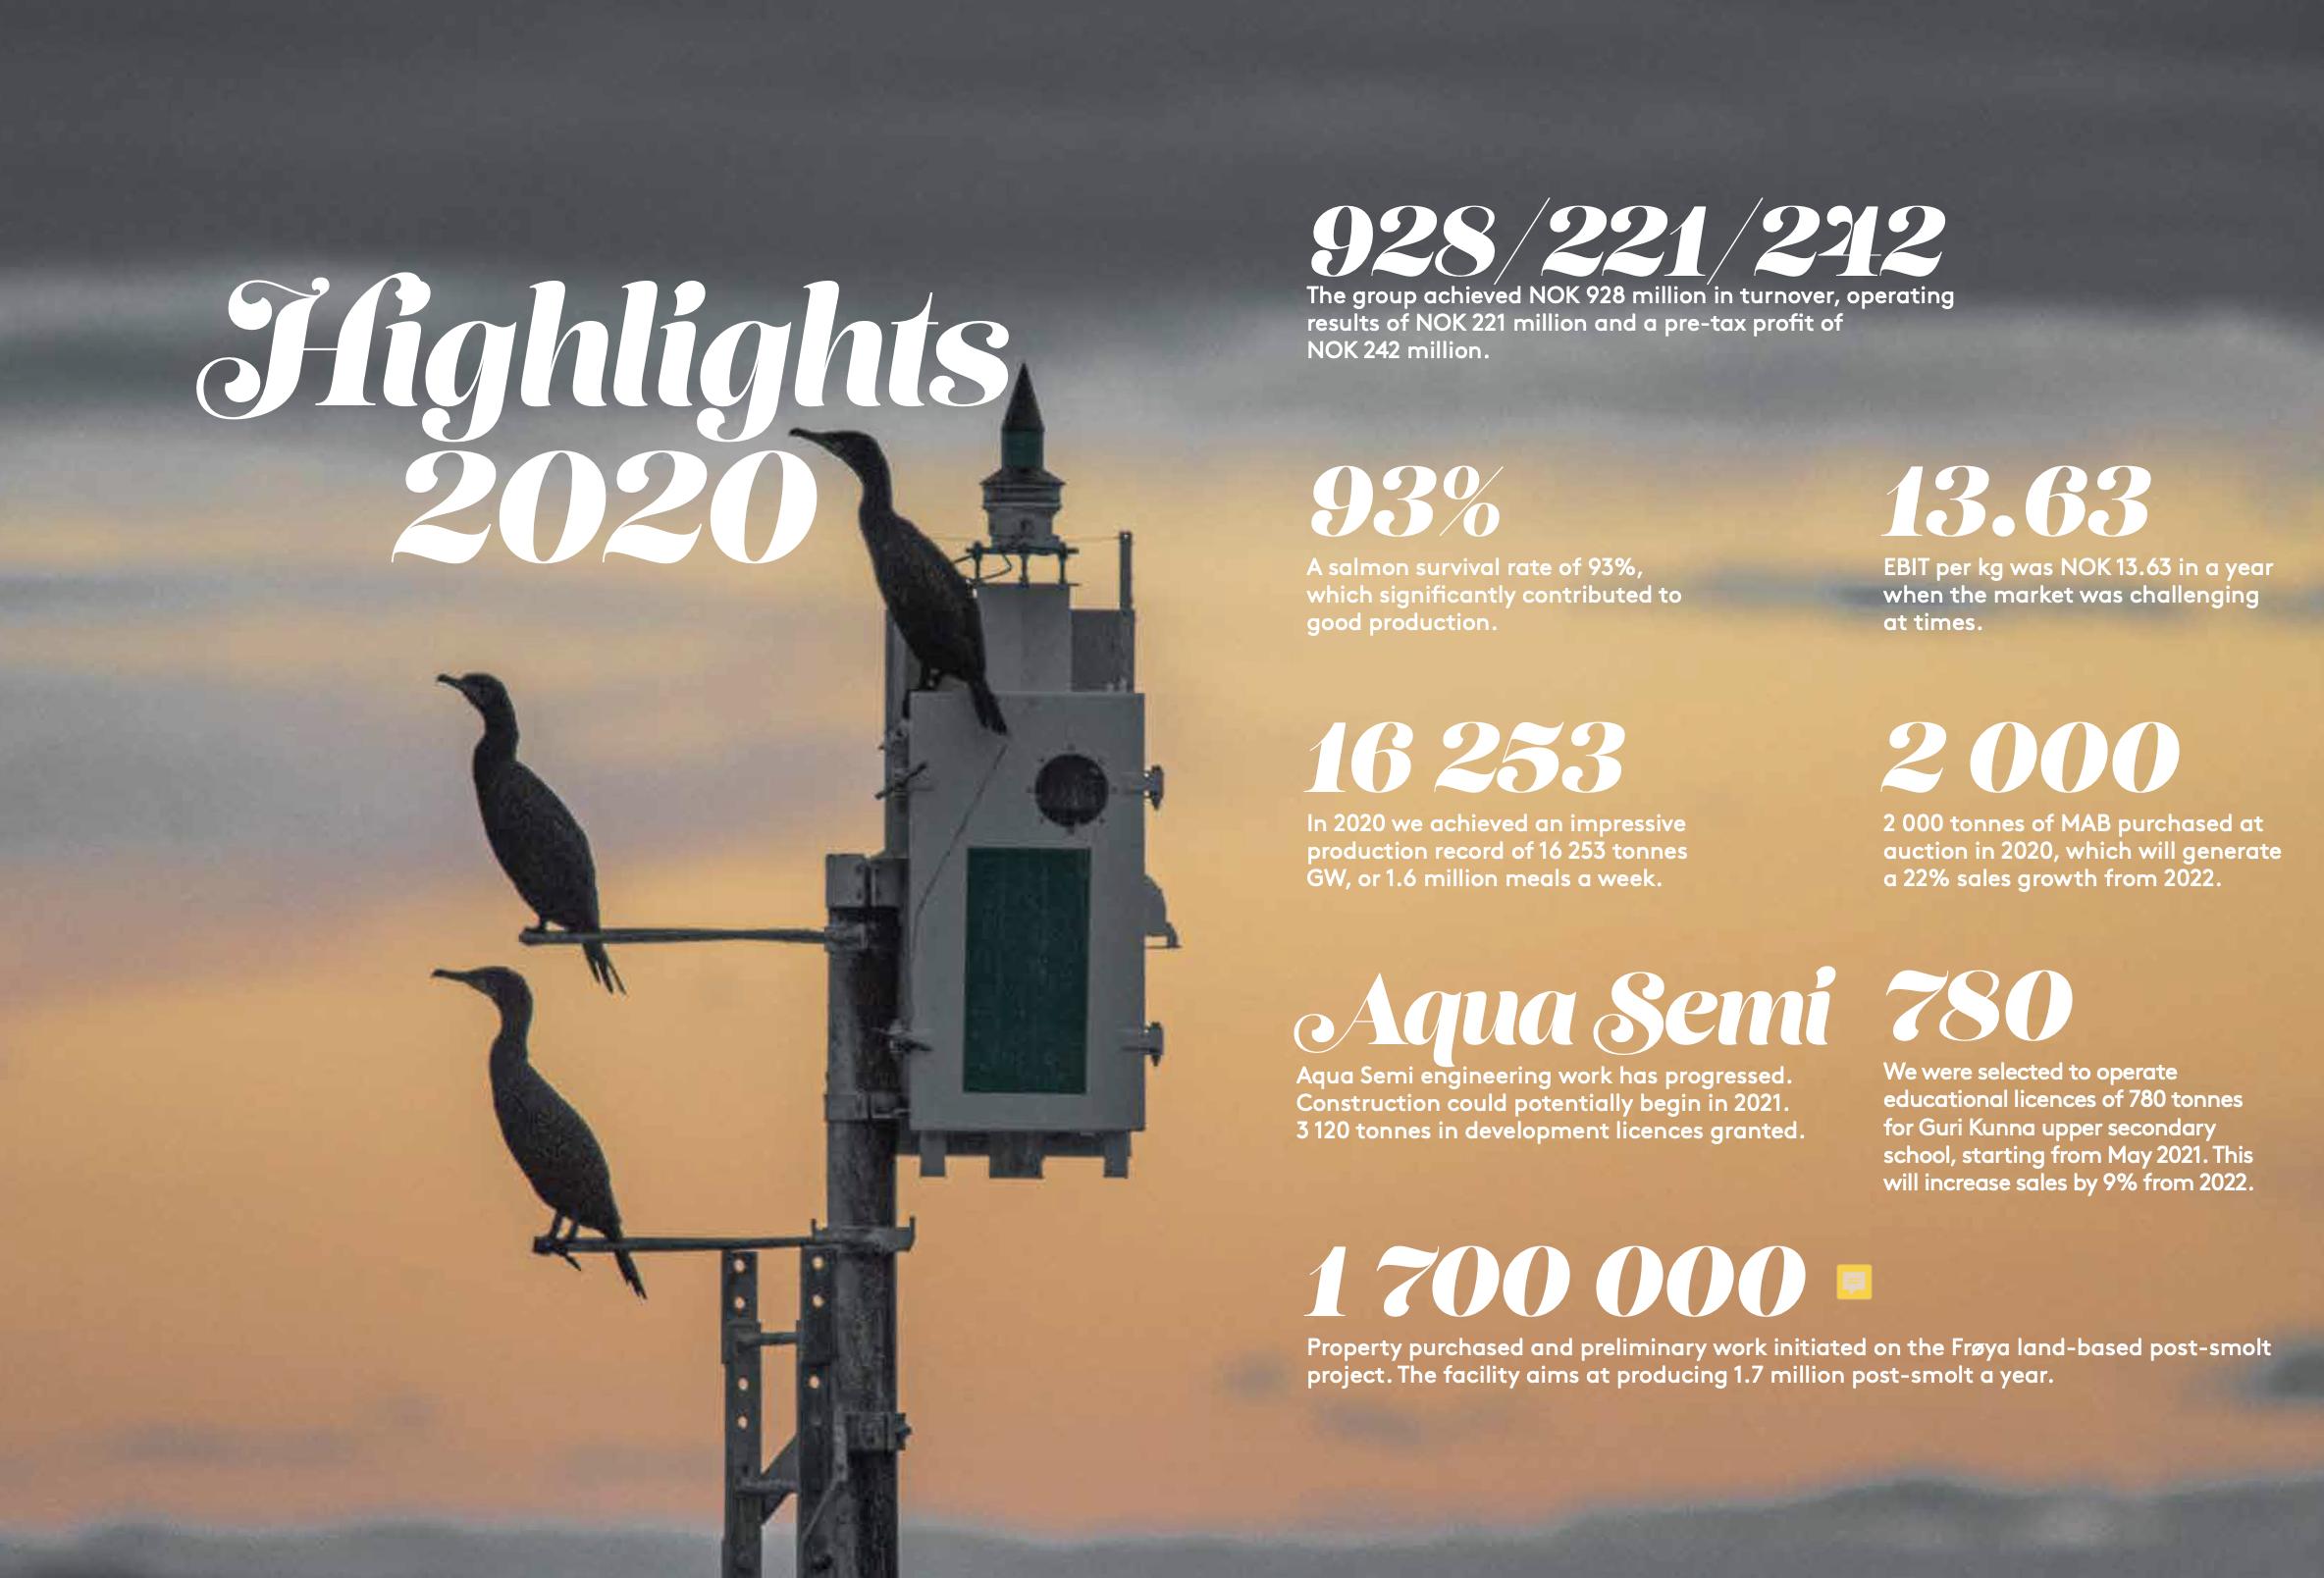 Måsøvals årsrapport for 2020: Sterk vekst i et krevende år